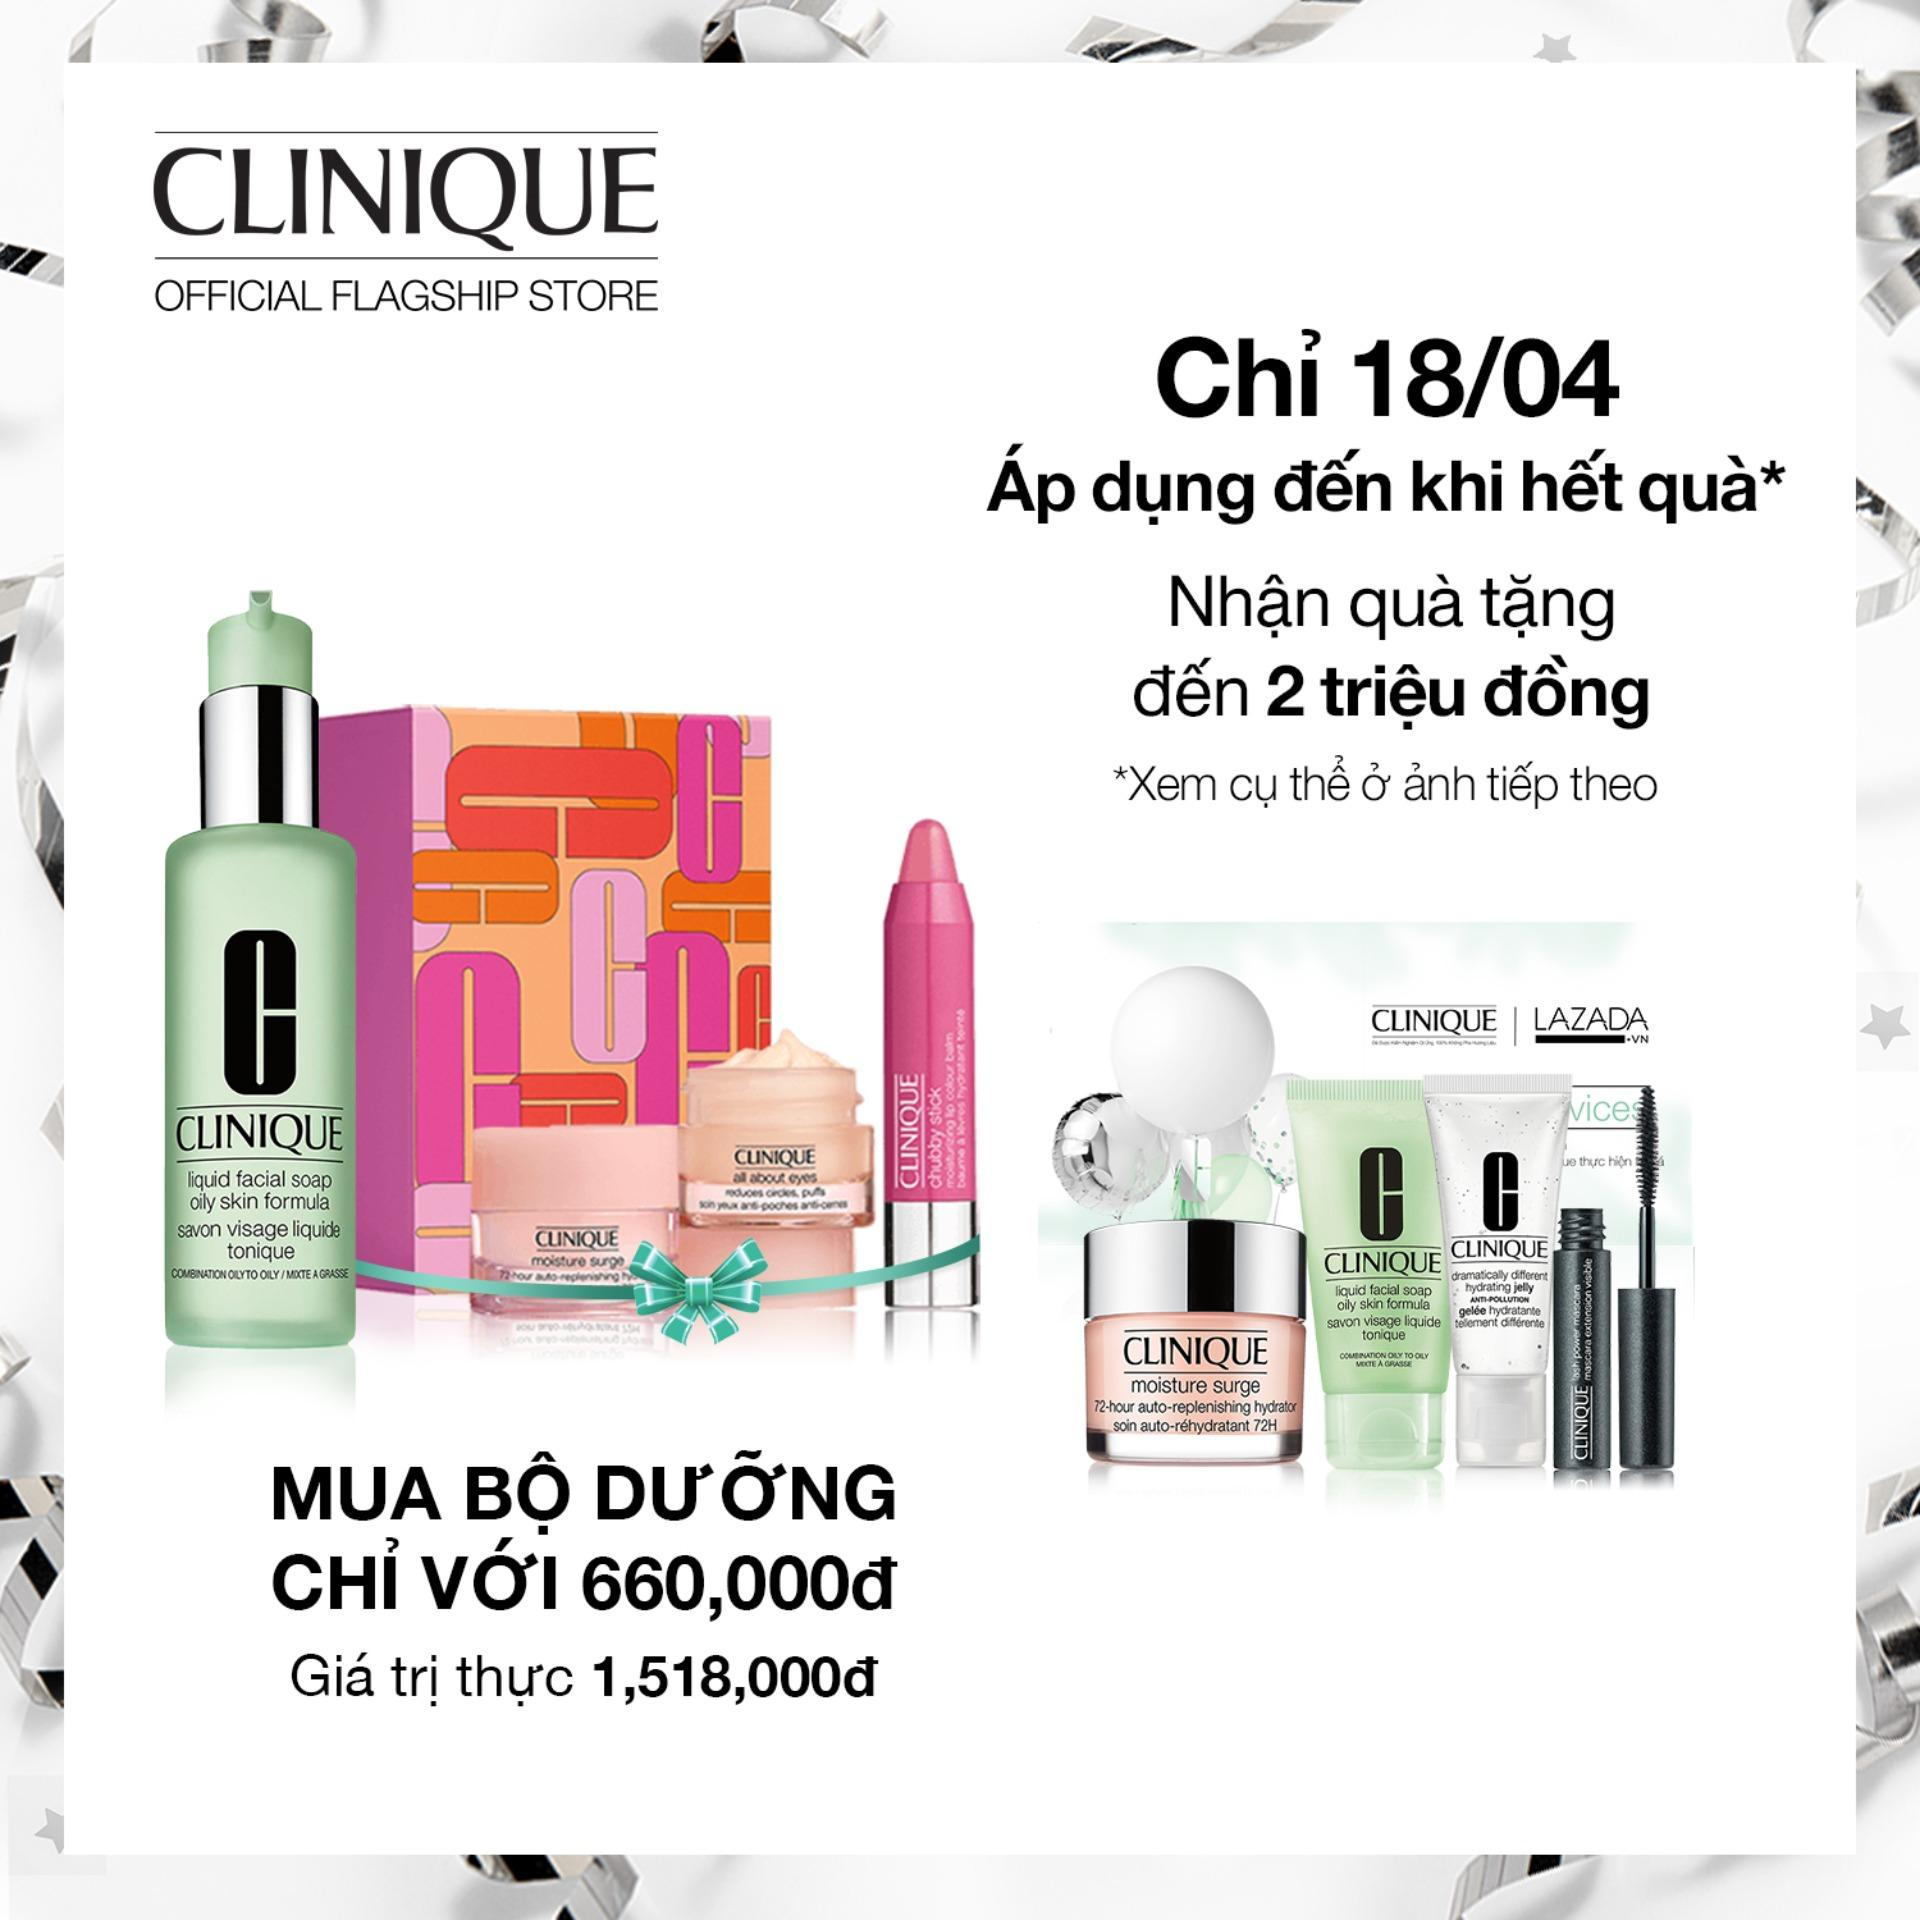 Sữa rửa mặt cho da dầu Clinique Liquid Facial Soap Oily Skin 200ml tốt nhất